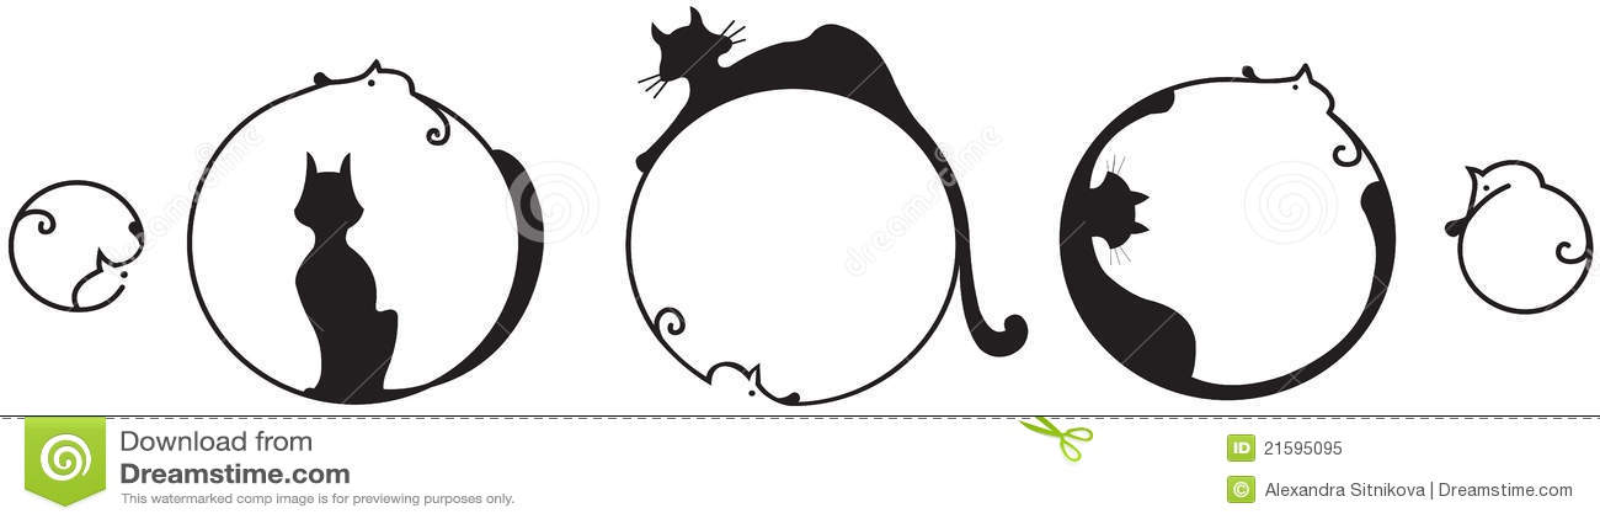 abstrakte katze und maus vektor abbildung illustration